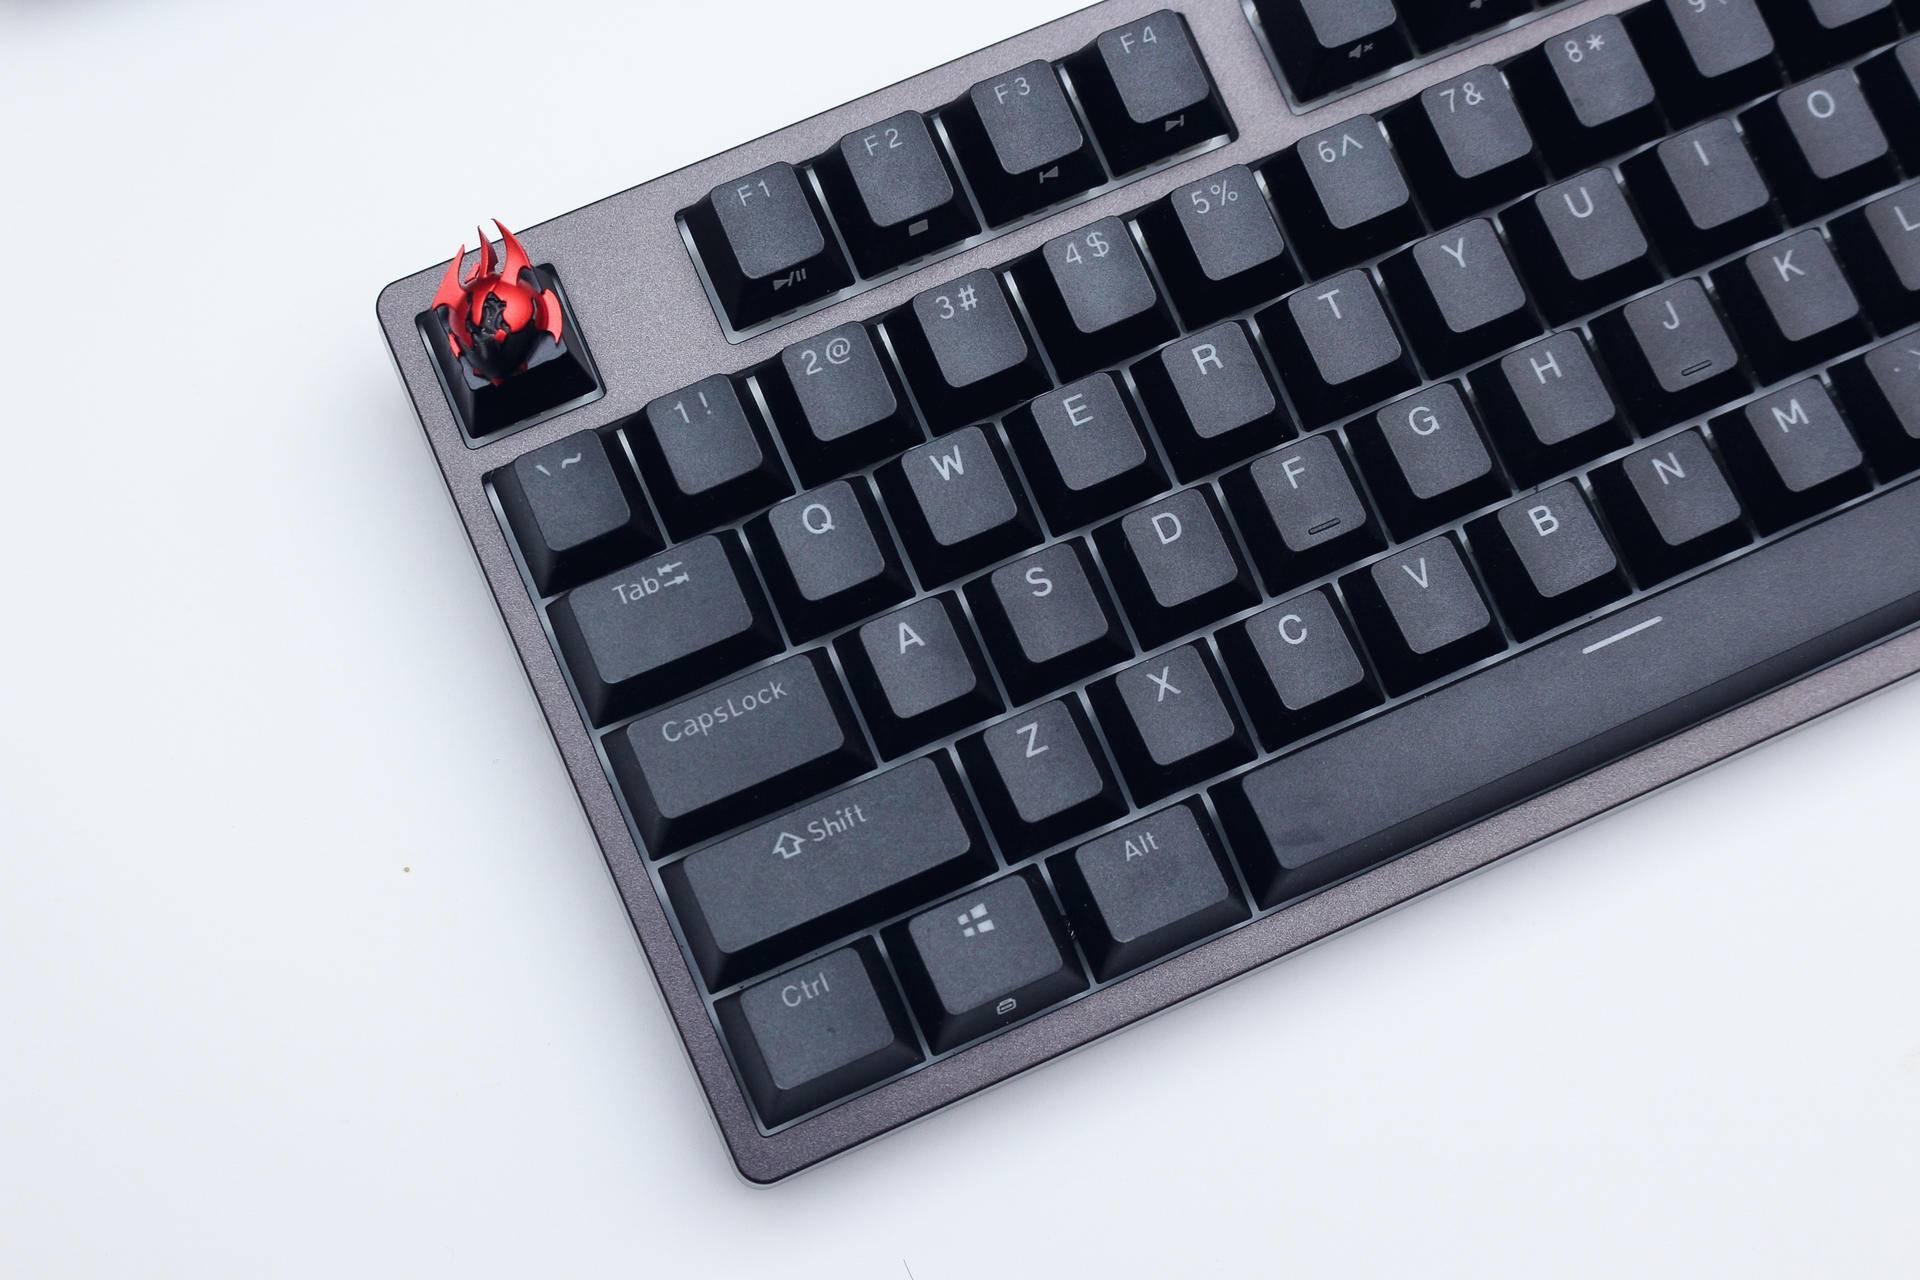 是不是傻,一把键盘的钱只买了一颗键帽?插图(13)